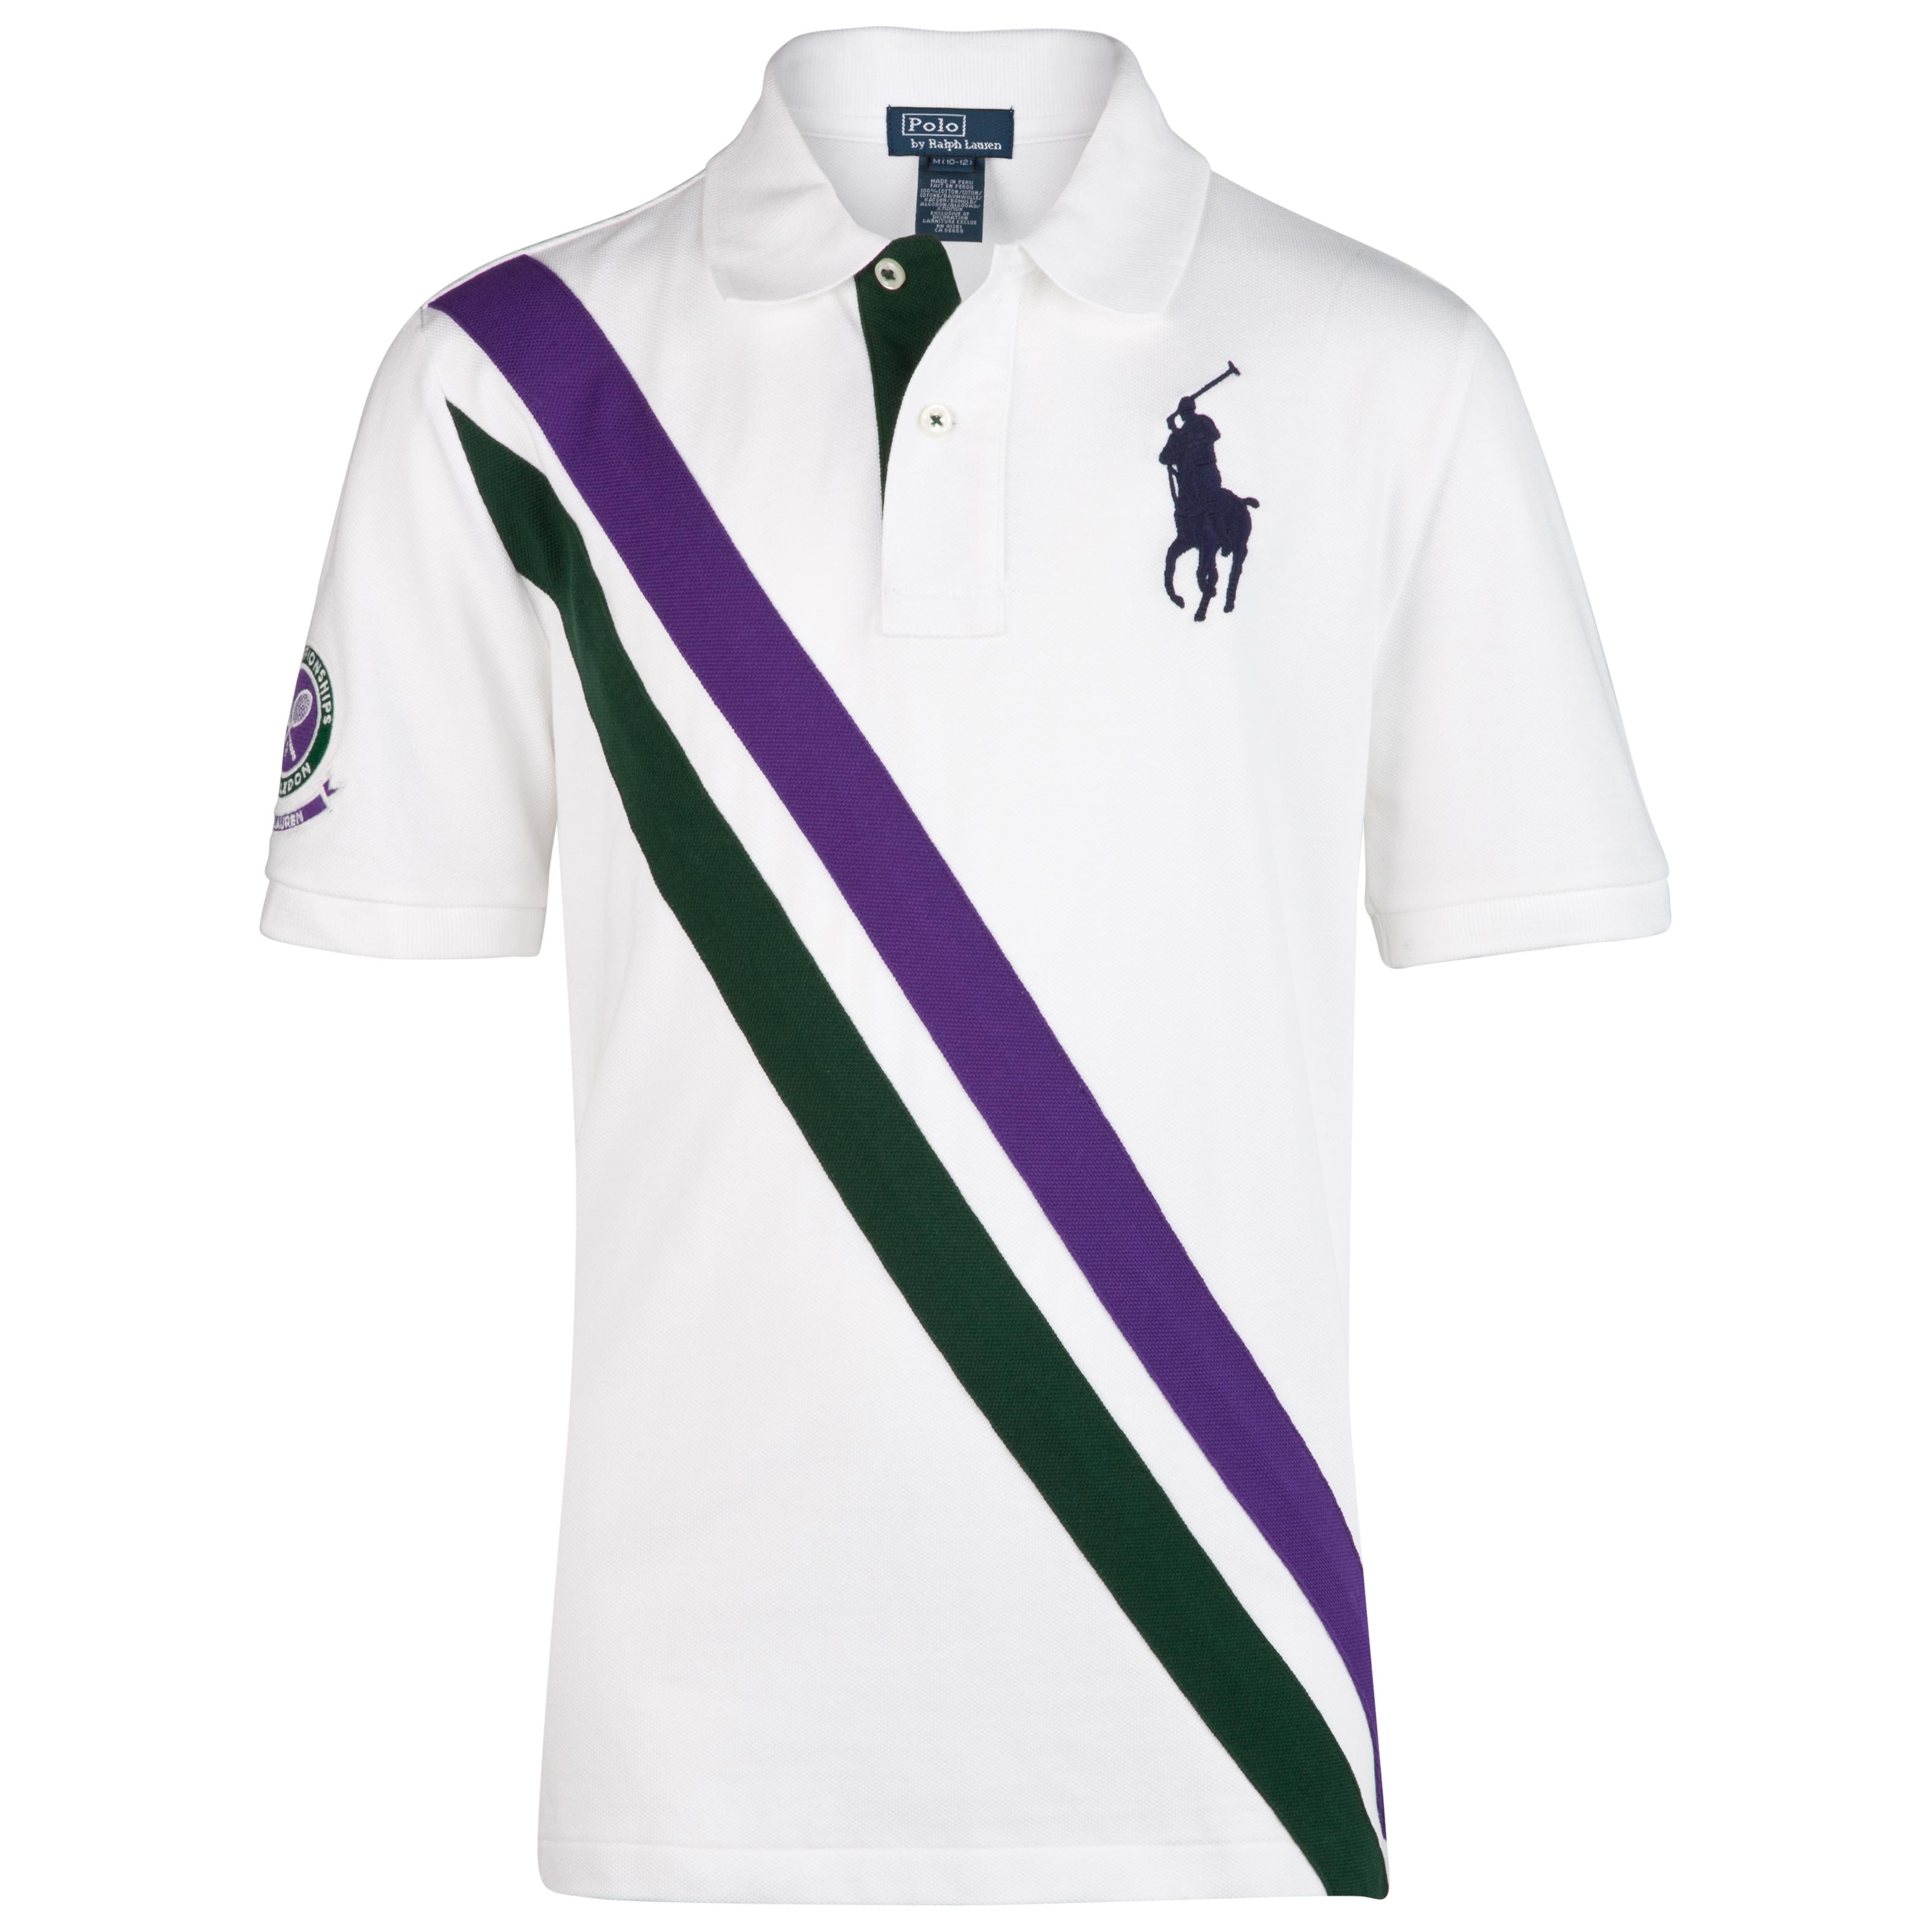 Polo Ralph Lauren Polo Banner Mesh  Polo - Classic Oxford White - Older Boys